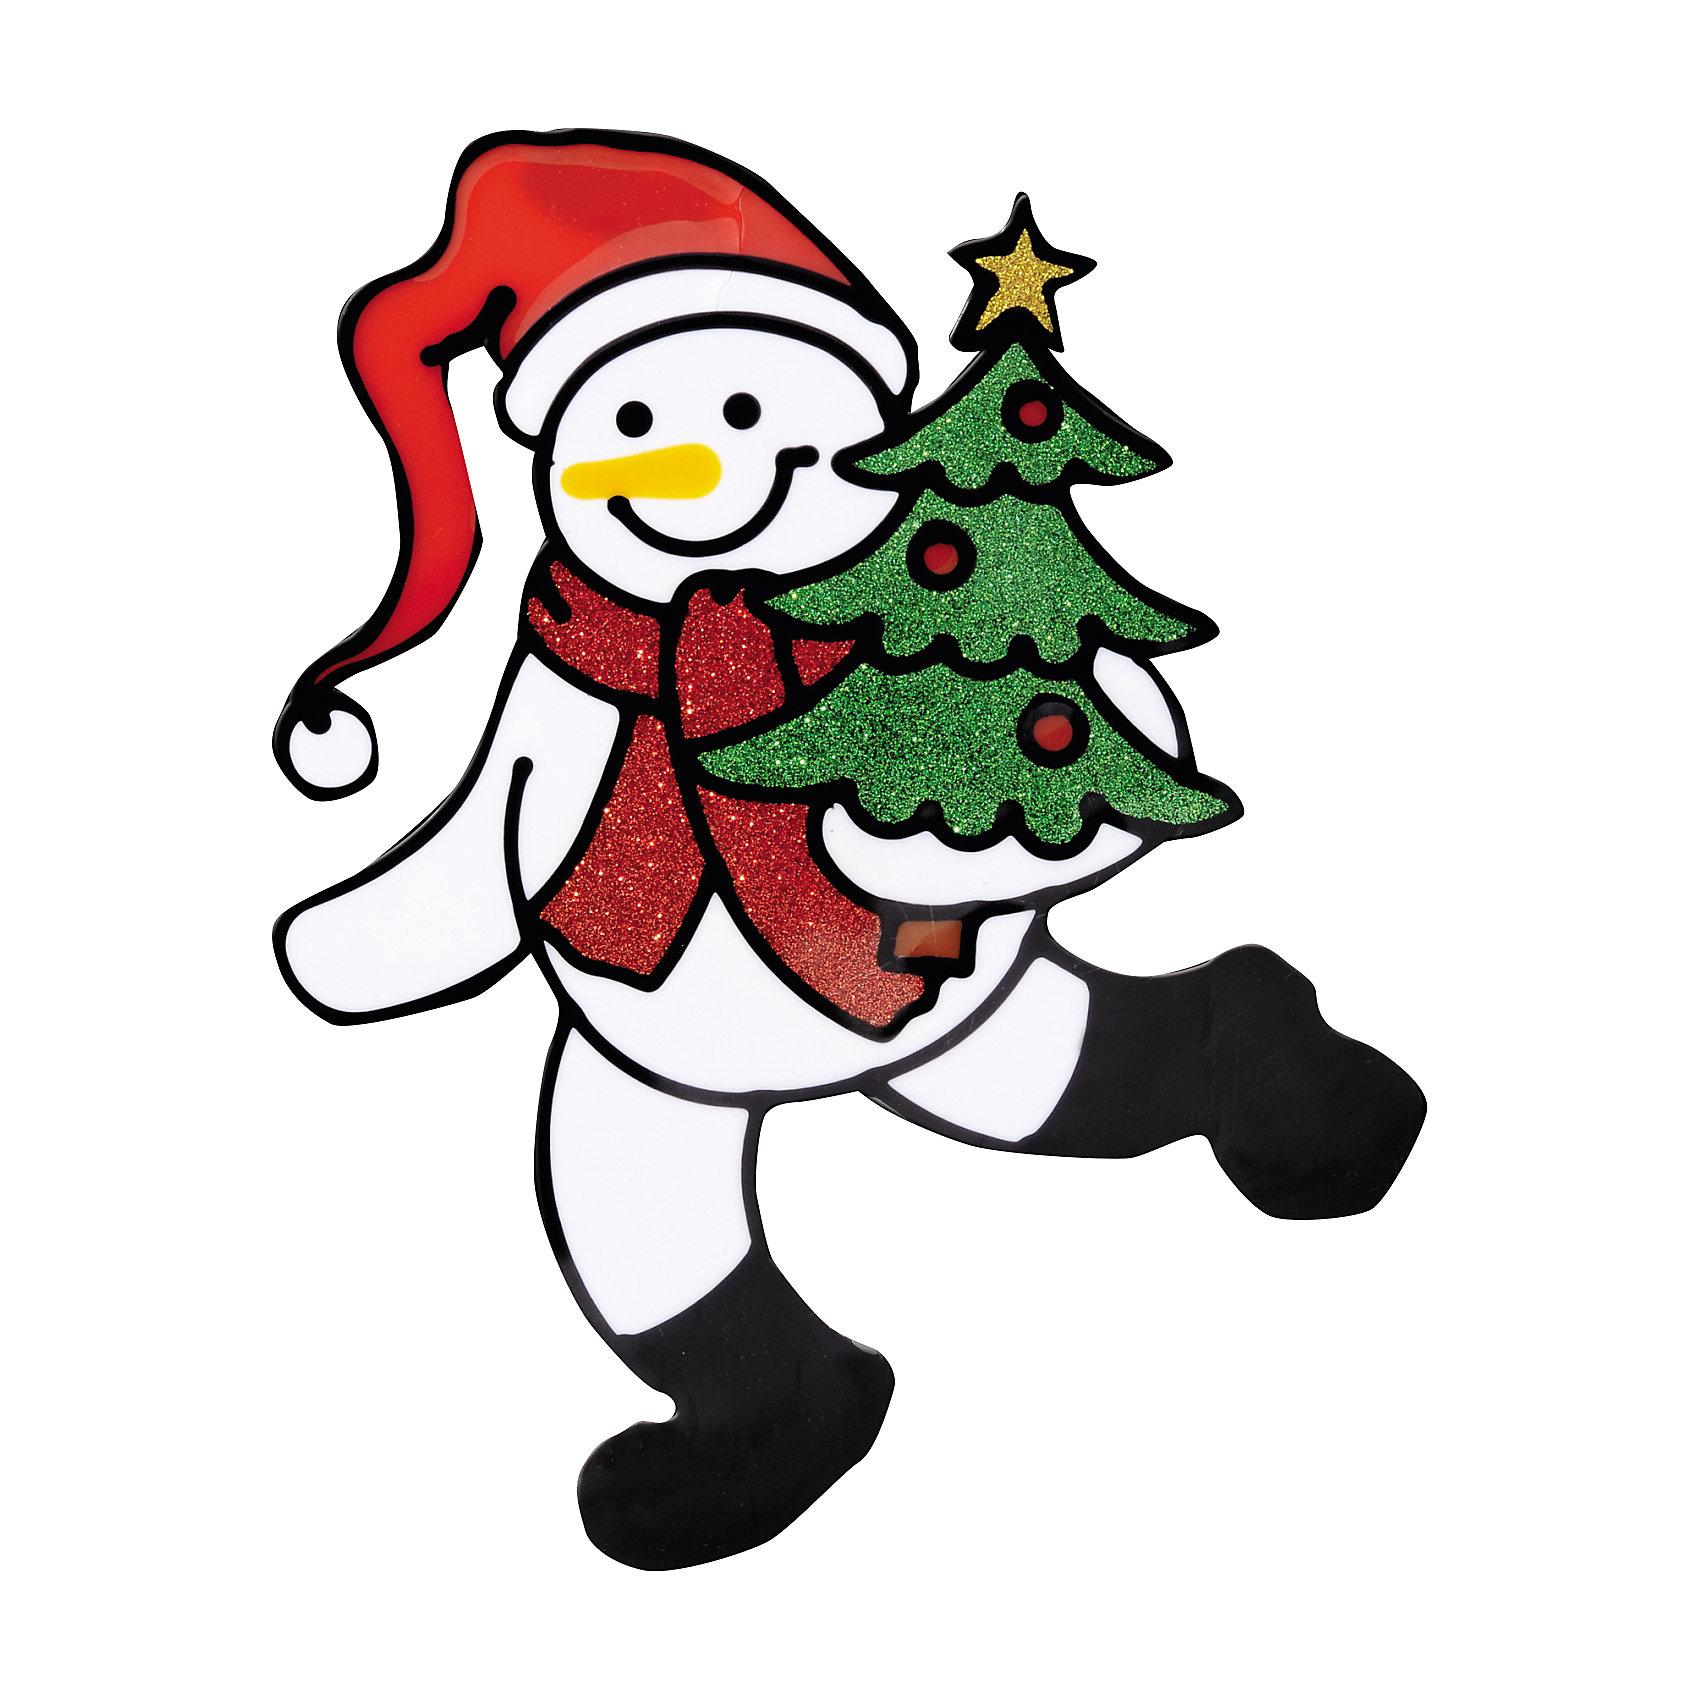 Наклейка на окно Снеговик с ёлочкой 15*19,5 смНовинки Новый Год<br>Наклейка на окно Снеговик с ёлочкой 15*19,5 см с блестками принесет в Ваш дом волшебство и красоту новогоднего праздника, превратив окно в сказочный витраж! Сувенир также послужит отличным мини-презентом близким или друзьям.<br><br>Дополнительная информация:<br>-Материалы: силикон<br>-Размер в упаковке: 15х0,5х19,5 см<br>-Вес в упаковке: 31 г<br>-Размер: 15х19,5 см<br><br>Наклейка на окно Снеговик с ёлочкой 15*19,5 см<br><br>Ширина мм: 150<br>Глубина мм: 5<br>Высота мм: 195<br>Вес г: 31<br>Возраст от месяцев: 84<br>Возраст до месяцев: 2147483647<br>Пол: Унисекс<br>Возраст: Детский<br>SKU: 4286717